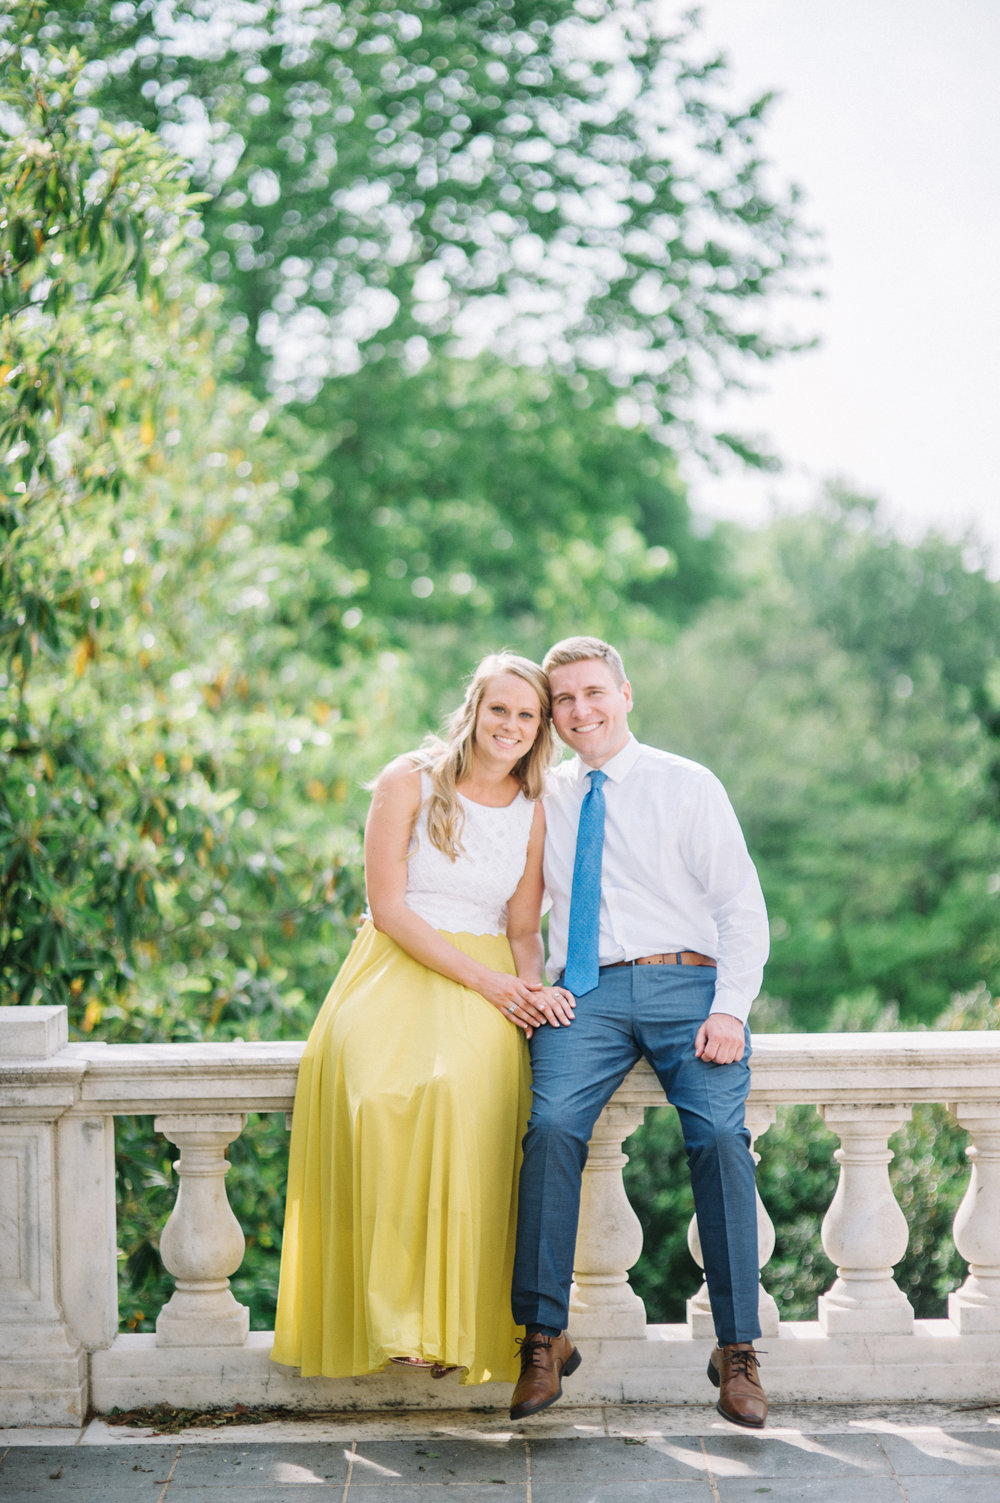 CharlottesvilleweddingphotographerSarahHouston